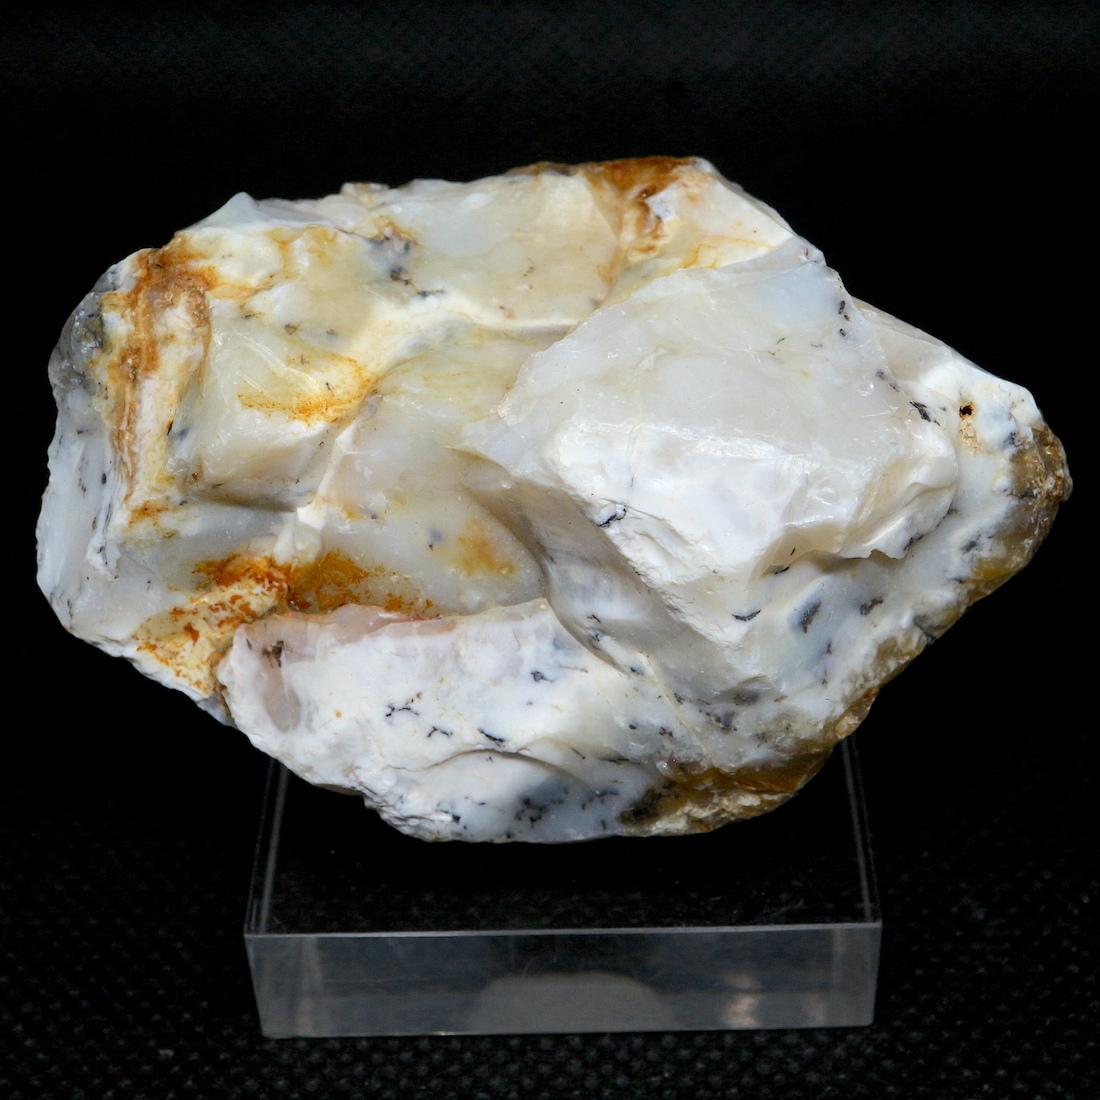 デンドリチック オパール デンドリティック ブラジル産 72,2g OP075 原石 鉱物 天然石 パワーストーン